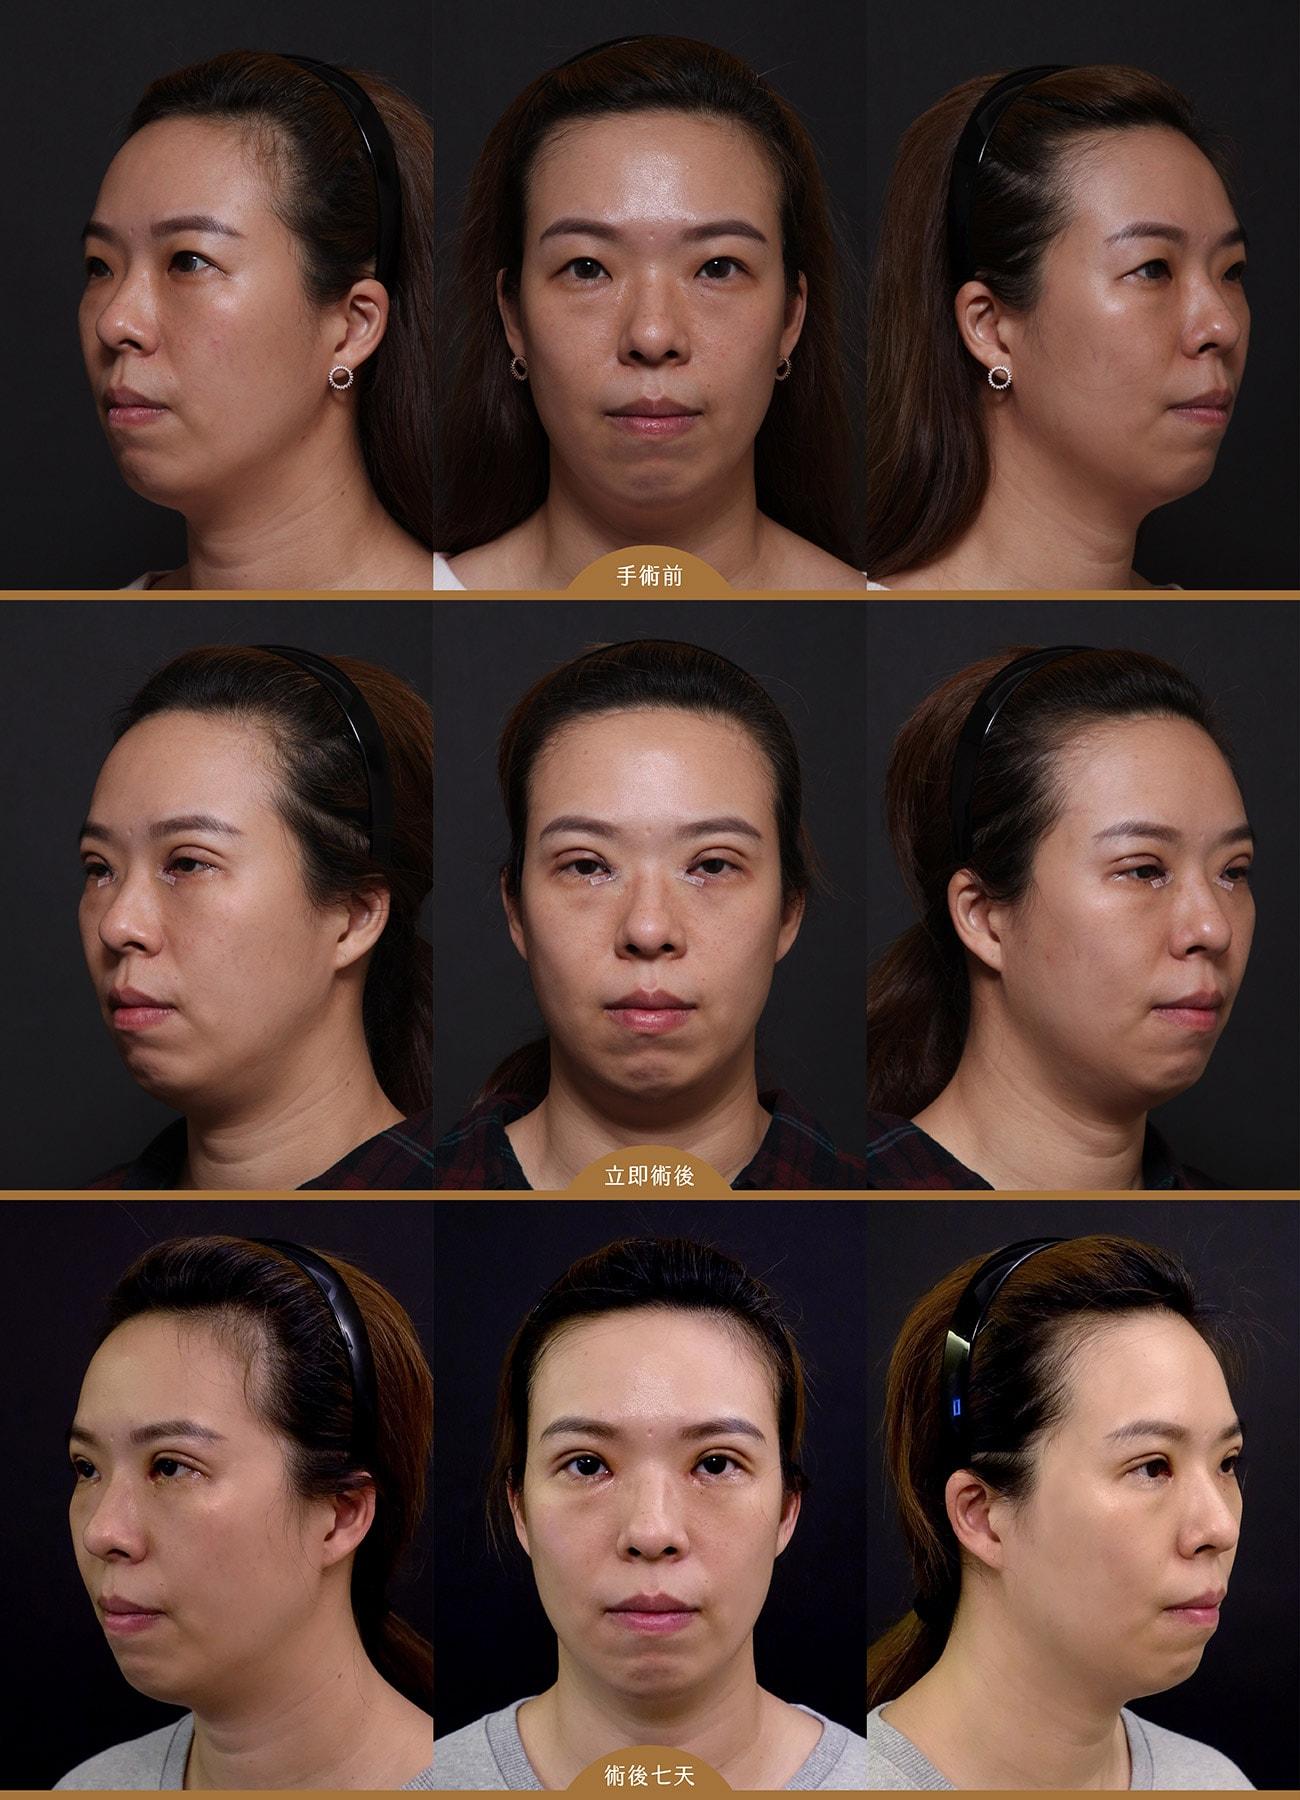 雙眼皮手術BA